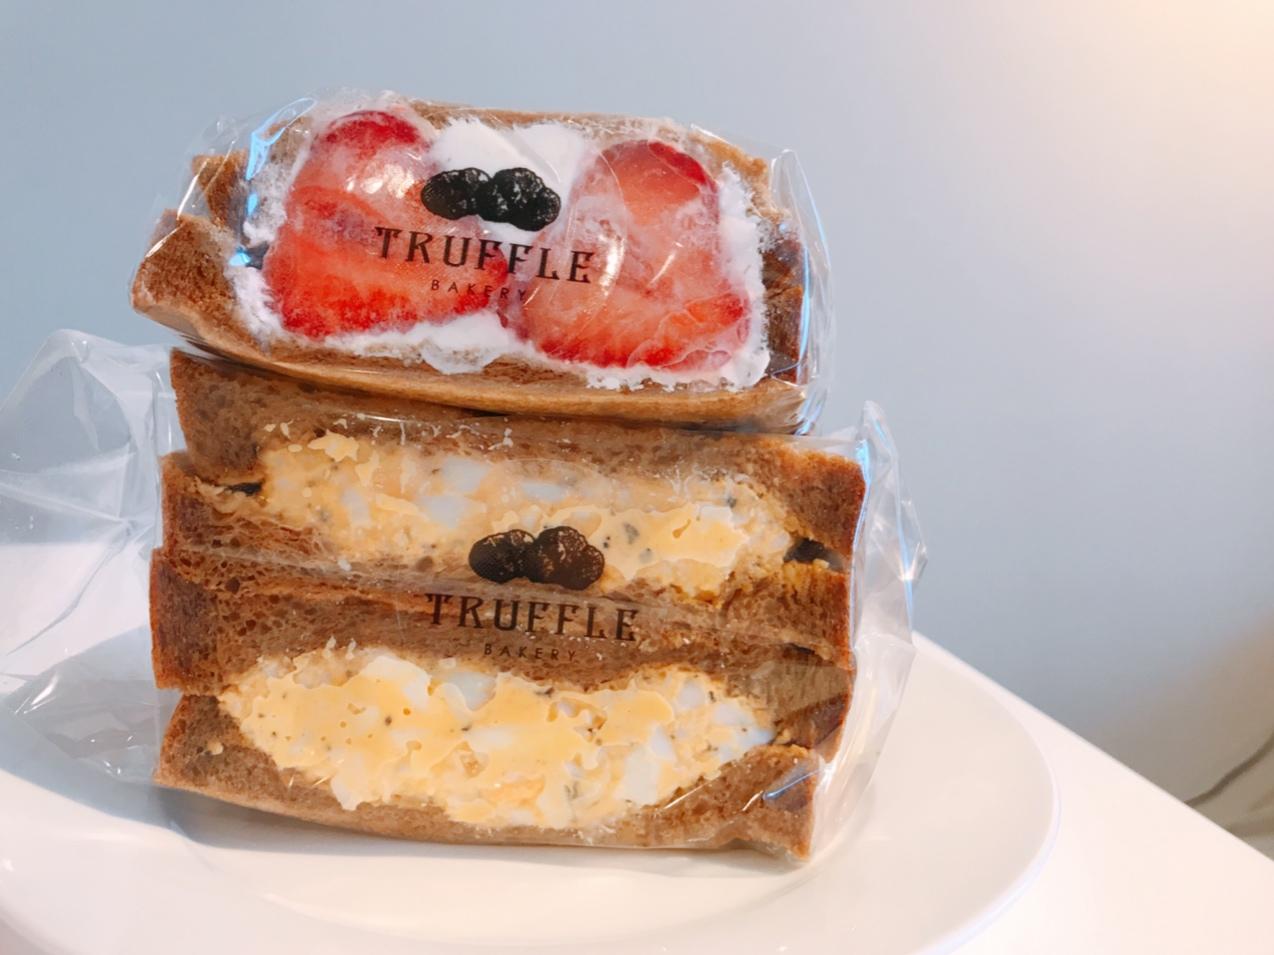 たまごサンド好きは要チェック!《トリュフベーカリー》のトリュフの卵サンドが絶品♡_3